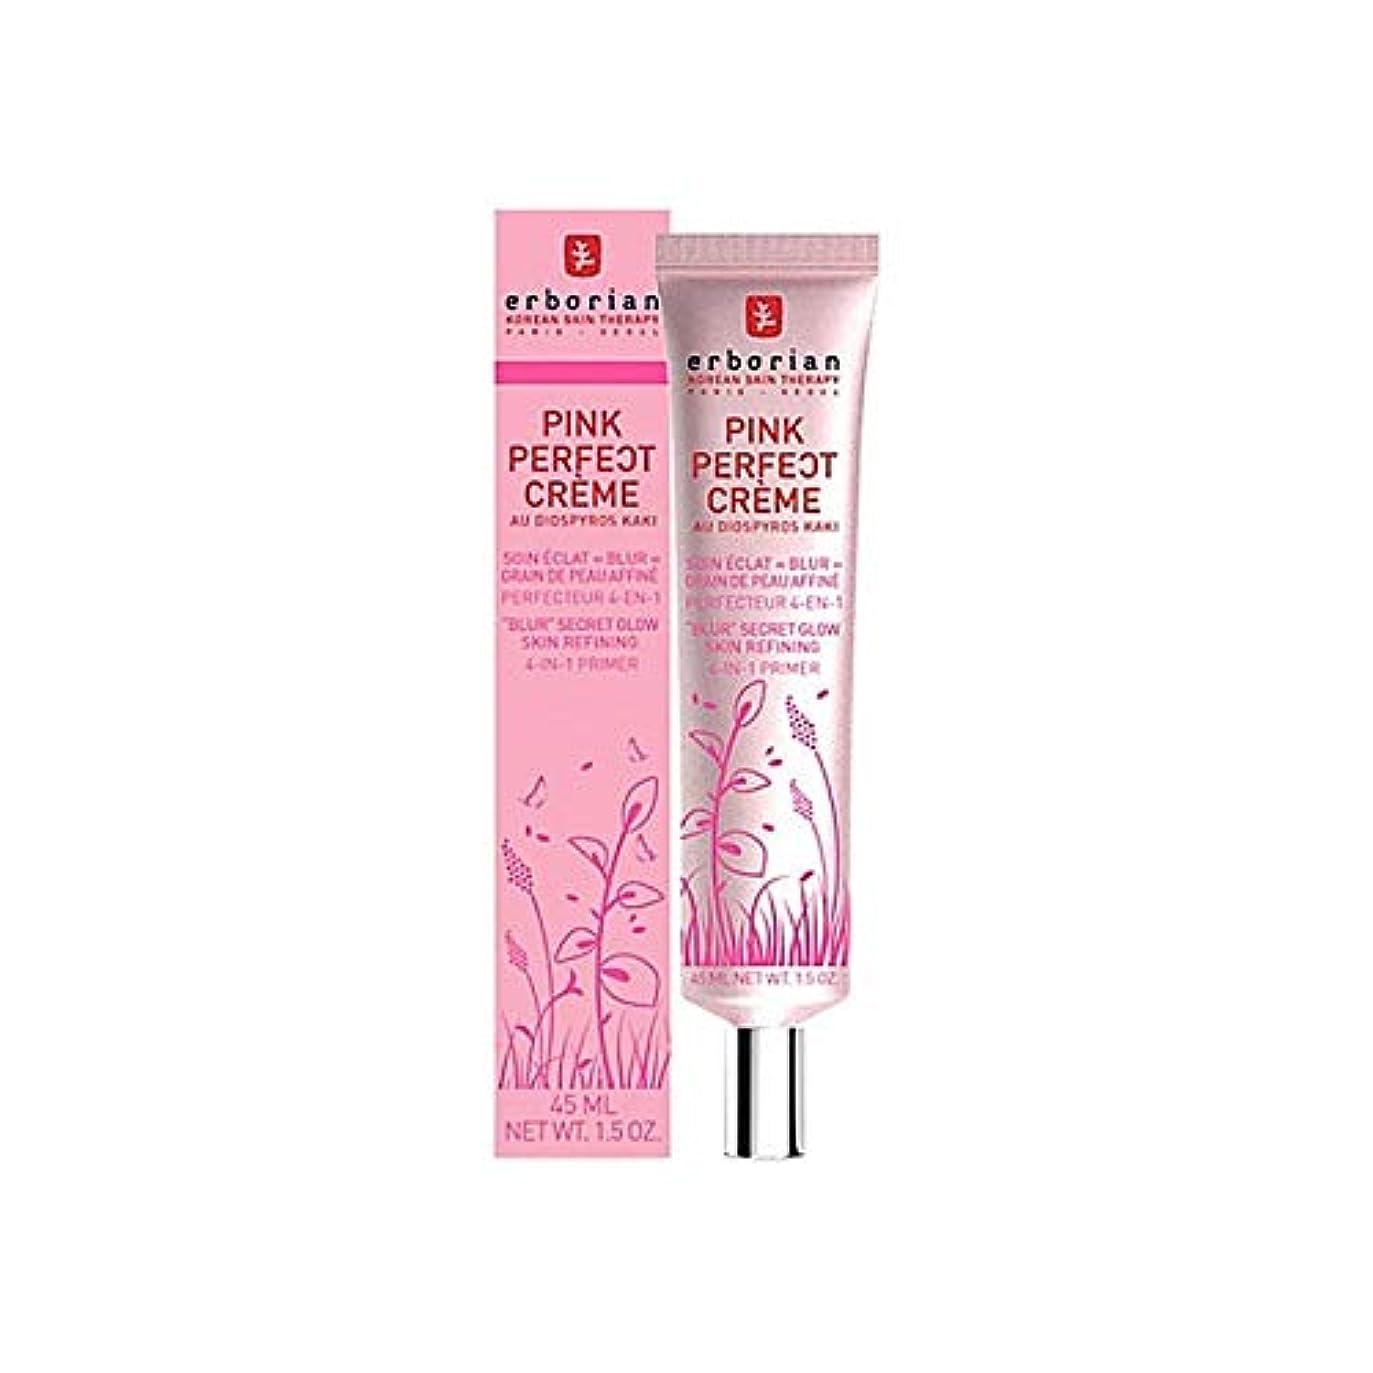 遺跡密輸パントリー[Erborian] Erborianピンクの完璧なクリーム45ミリリットル - Erborian Pink Perfect Creme 45ml [並行輸入品]